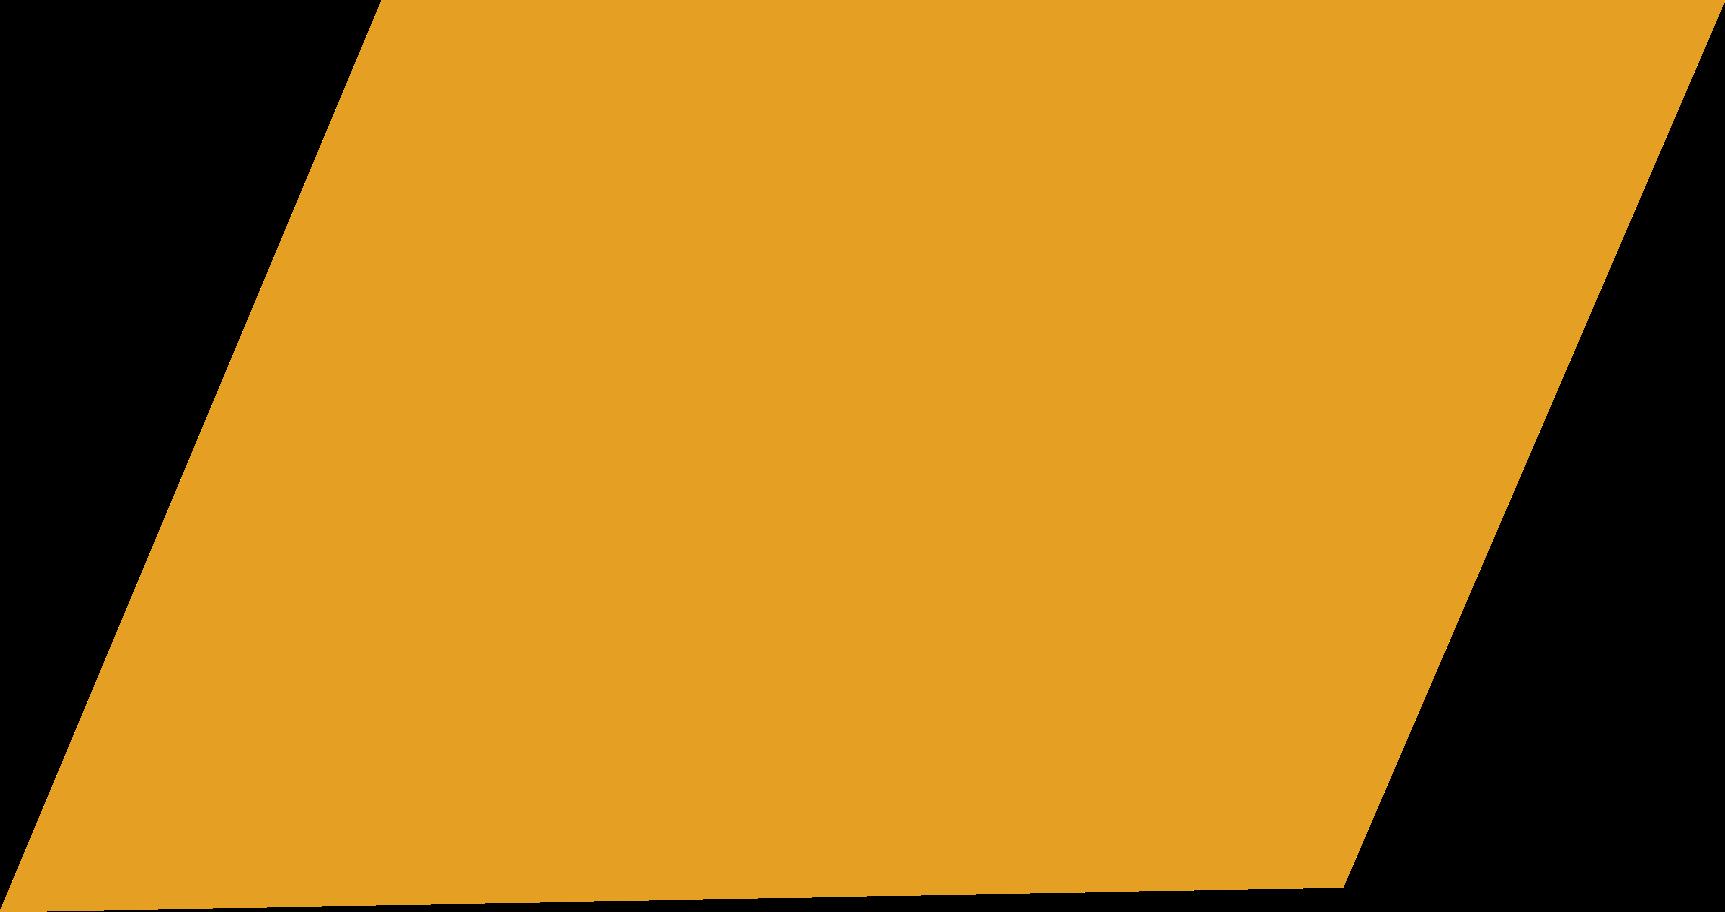 parallelogram orange Clipart illustration in PNG, SVG